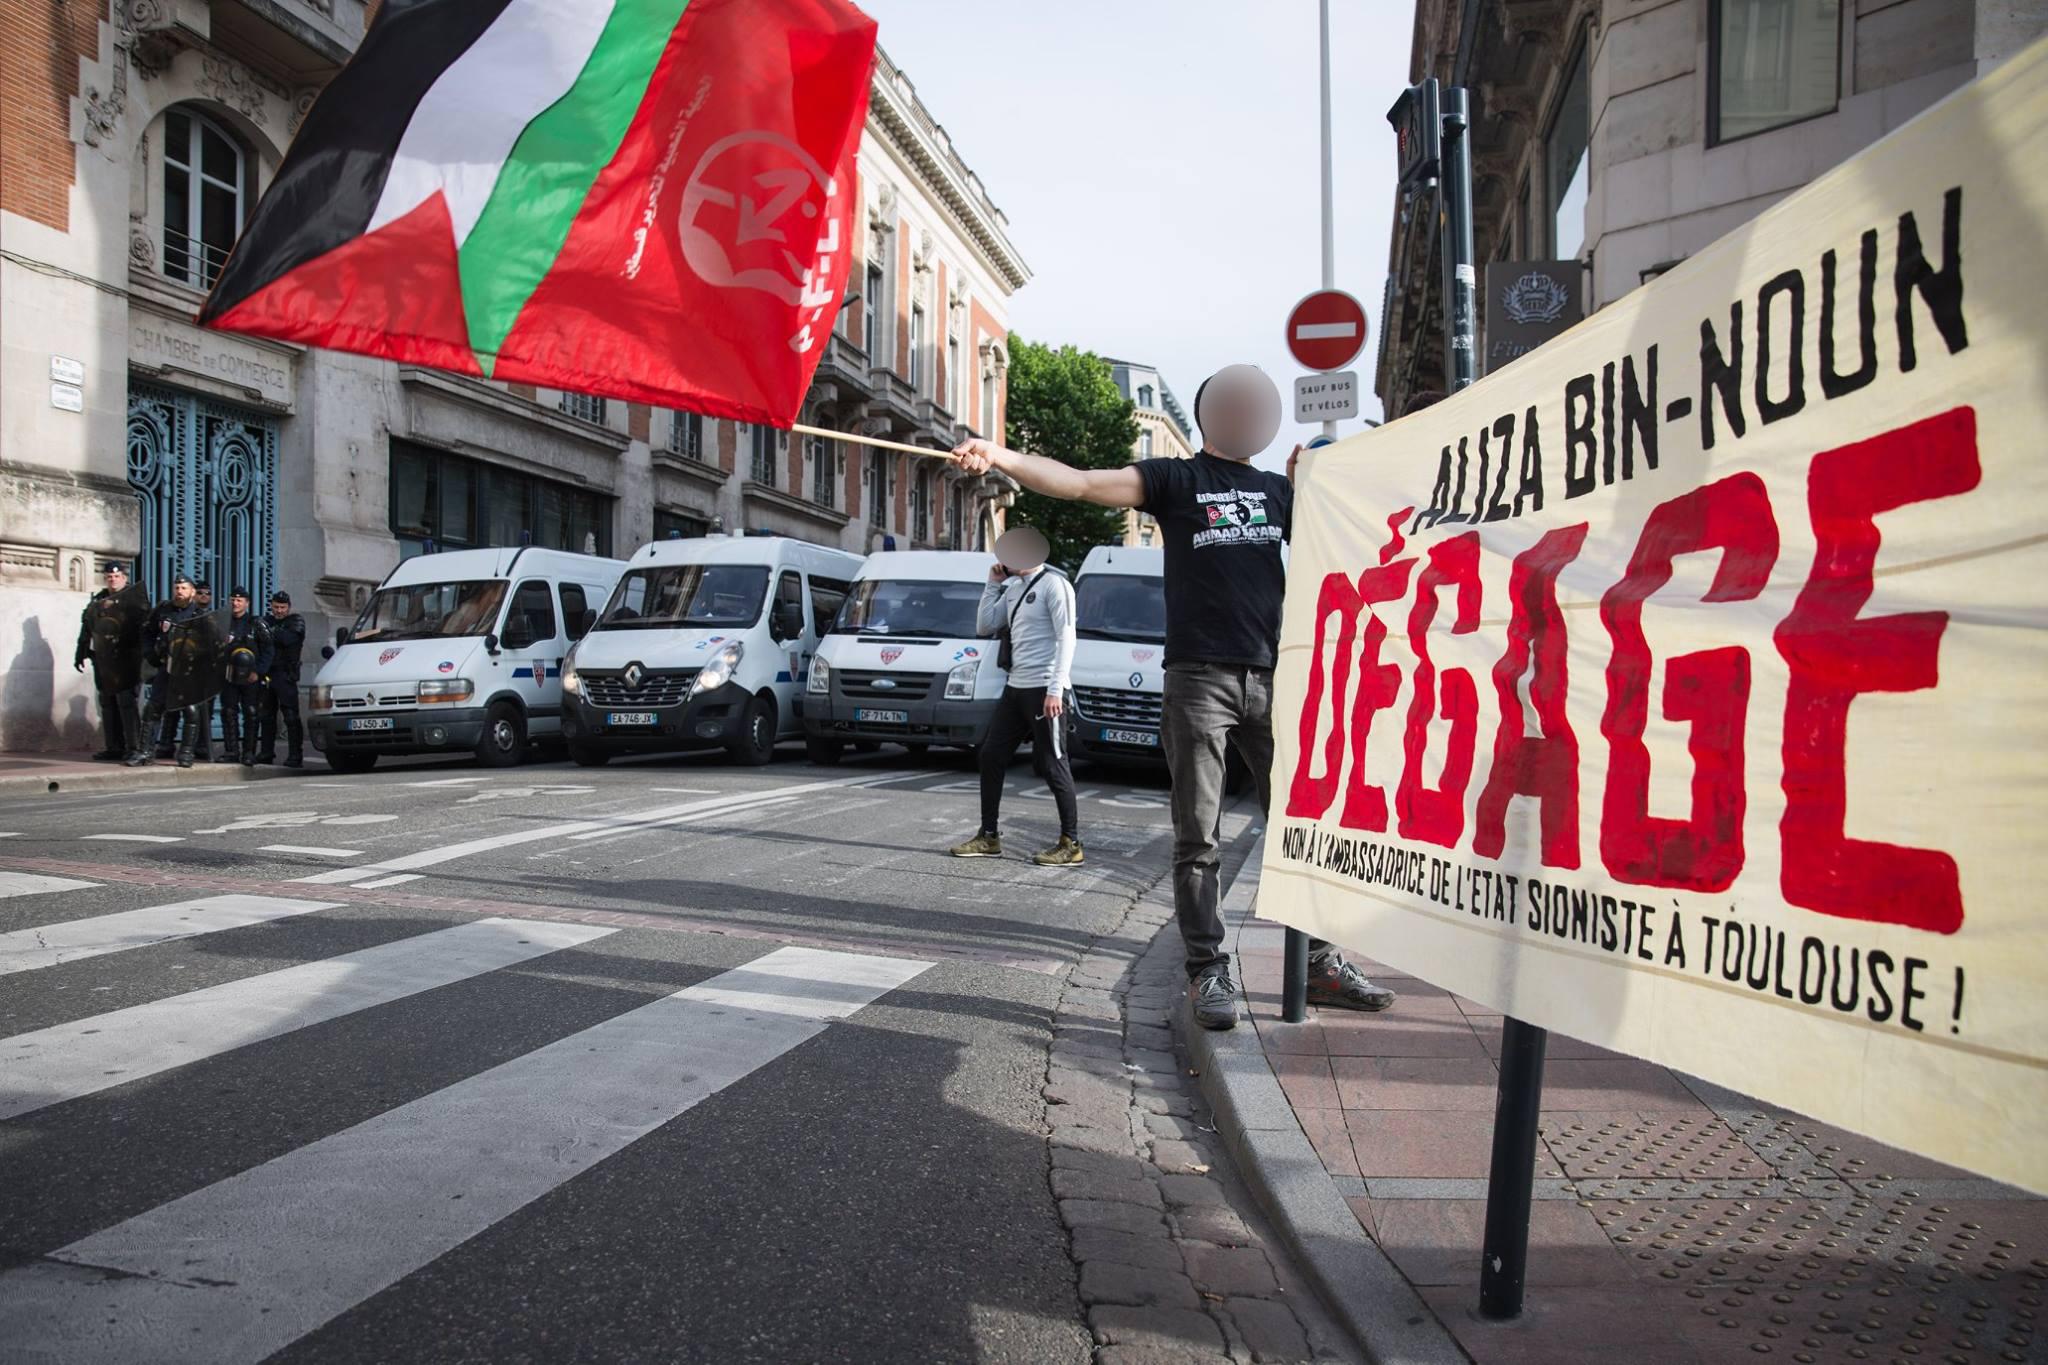 Rassemblement contre la venue d'Aliza Bin-Noun à Toulouse !